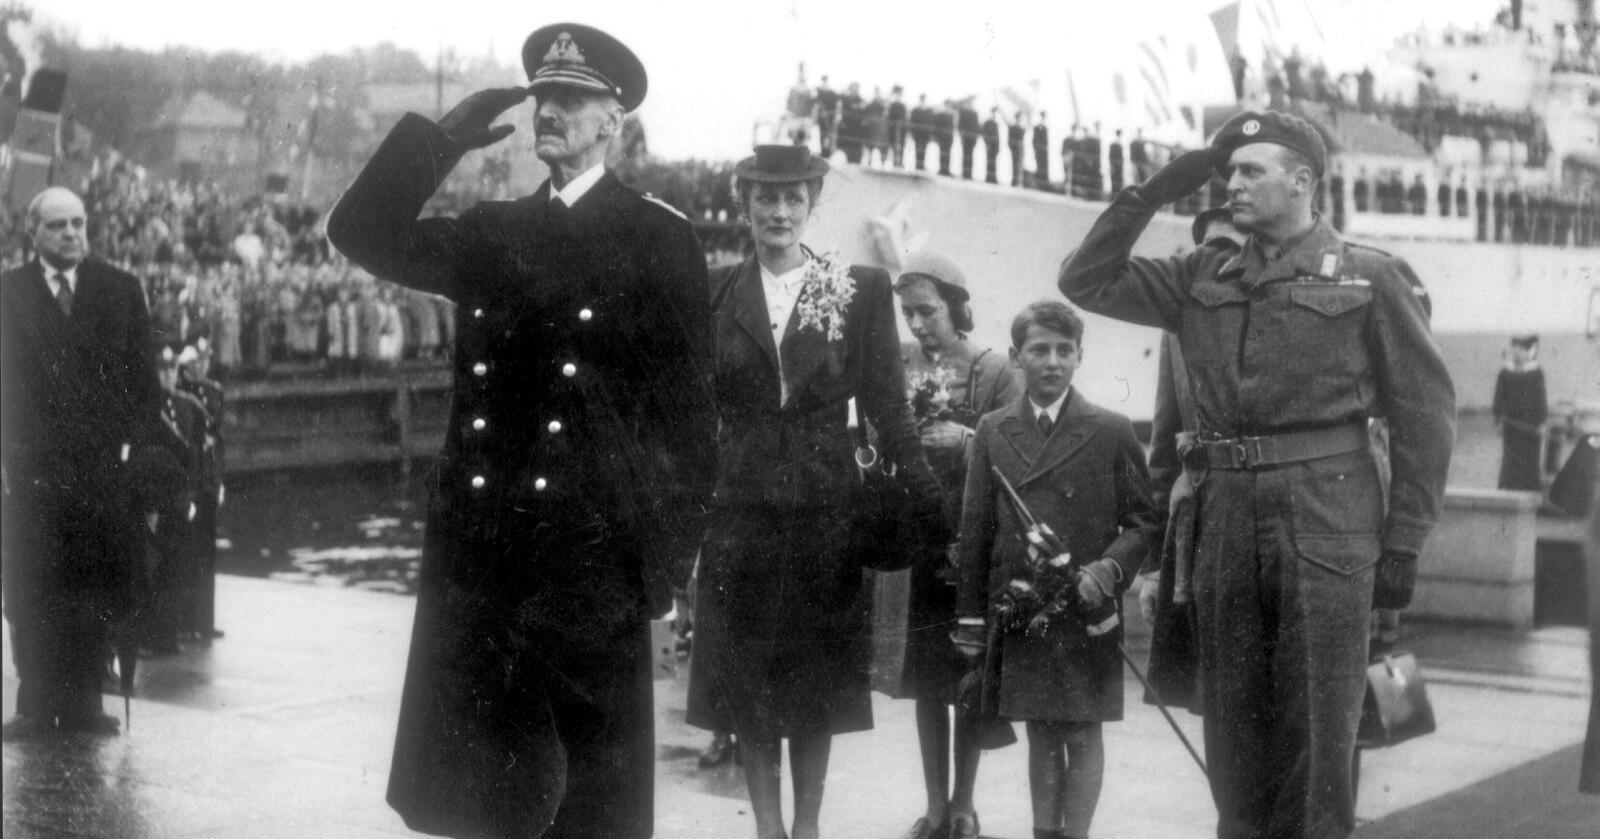 Jubelåret: Kongefamiliens hjemkomst 7. juni 1945 er et av de ikoniske bildene fra freds- og jubelåret som vi nå skal feire. Alle familier har sine historier fra «krigen». Har vi noe å lære av dem i dag? Foto: NTB scanpix